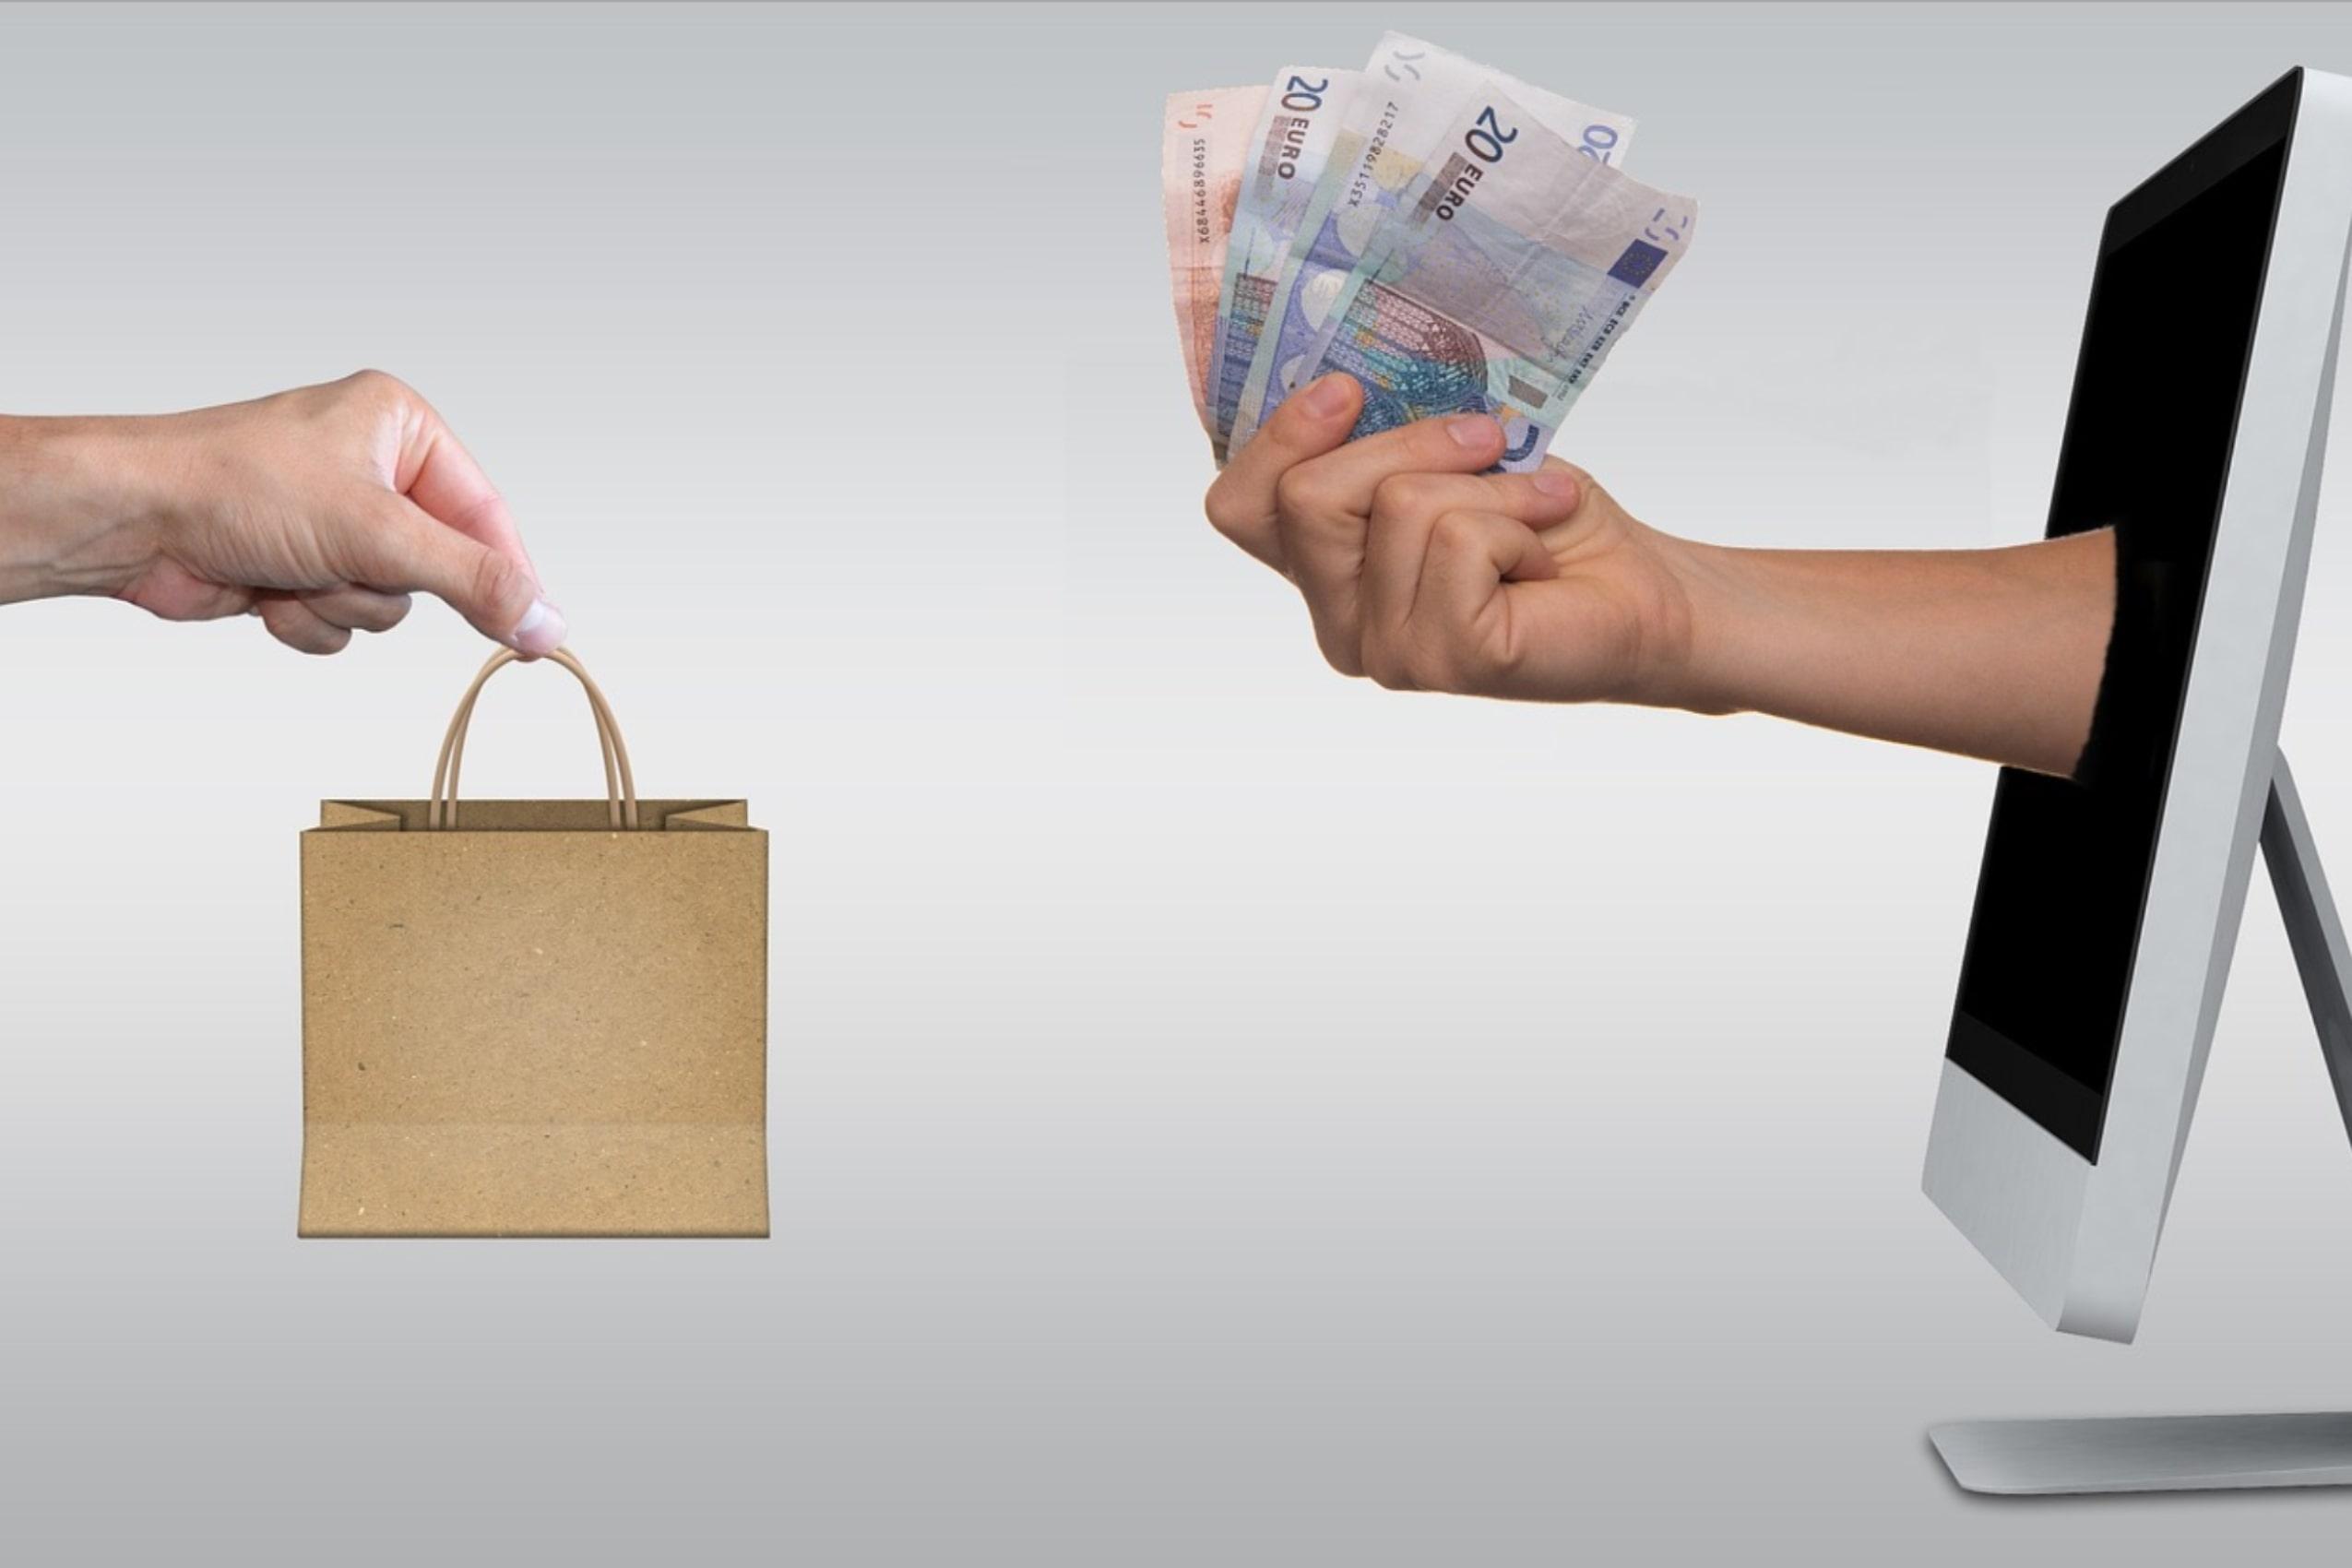 Didukung OJK, Berikut Keuntungan Investasi di Tokopedia Reksa Dana